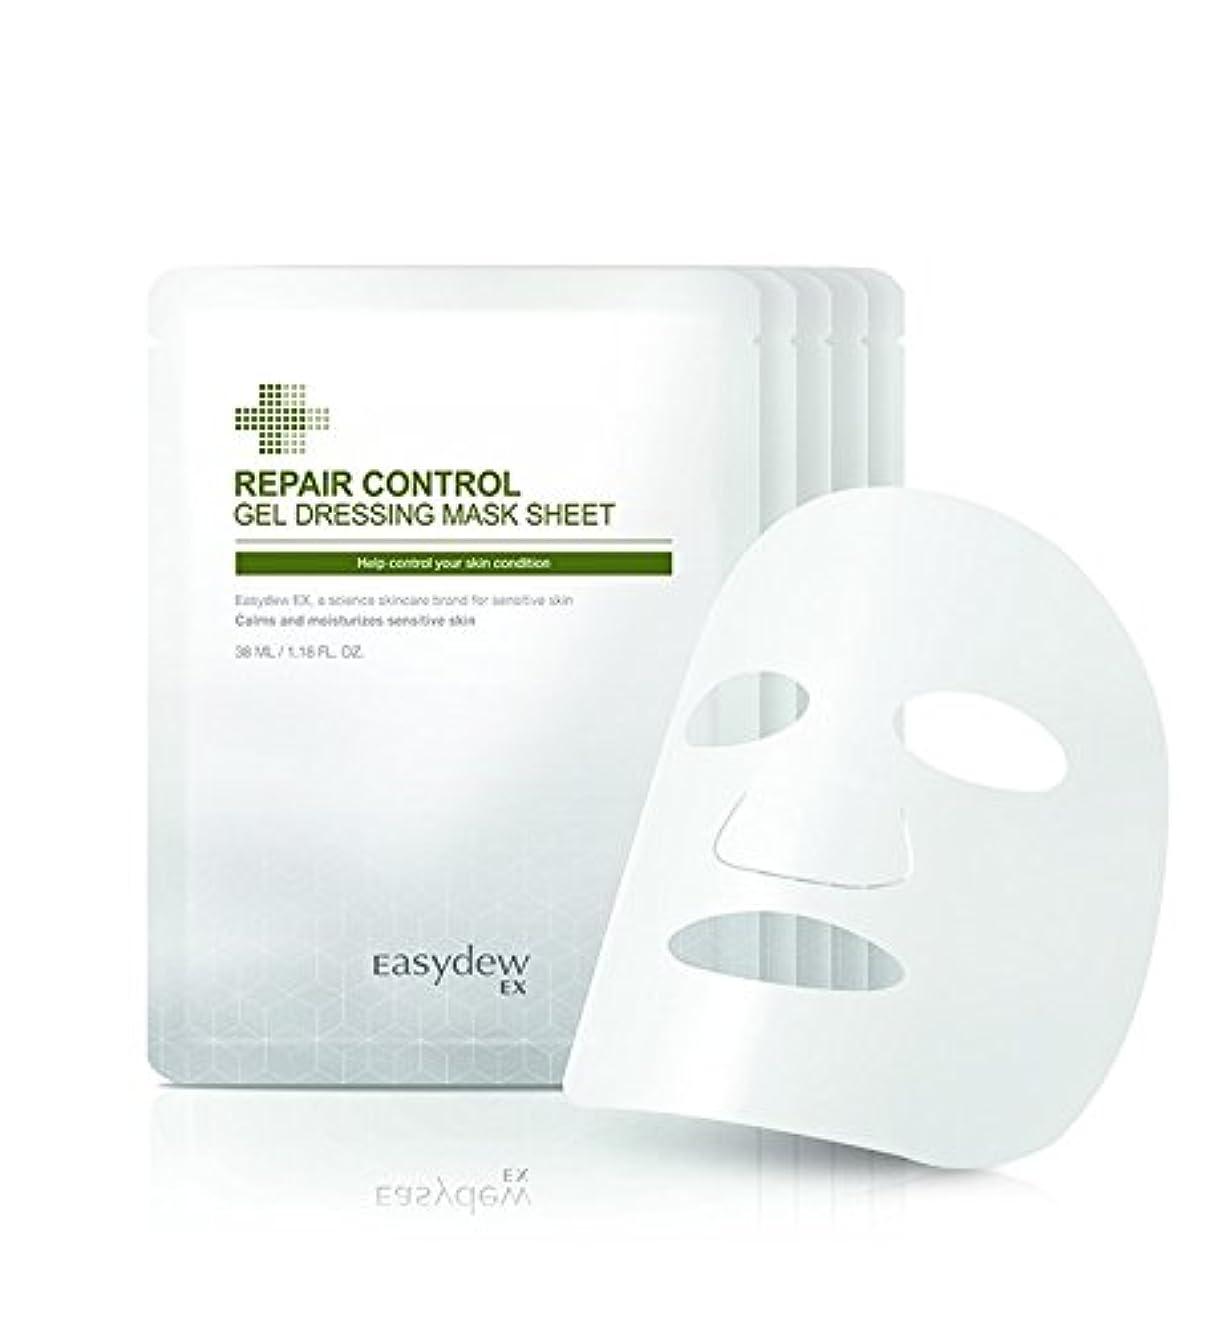 理容師答えぼろデウン製薬 リペア コントロール ゲルドレッシング マスクシートー38ml X 5枚セット. Repair Control Gel Dressing Mask Sheet 38ml X 5P set.